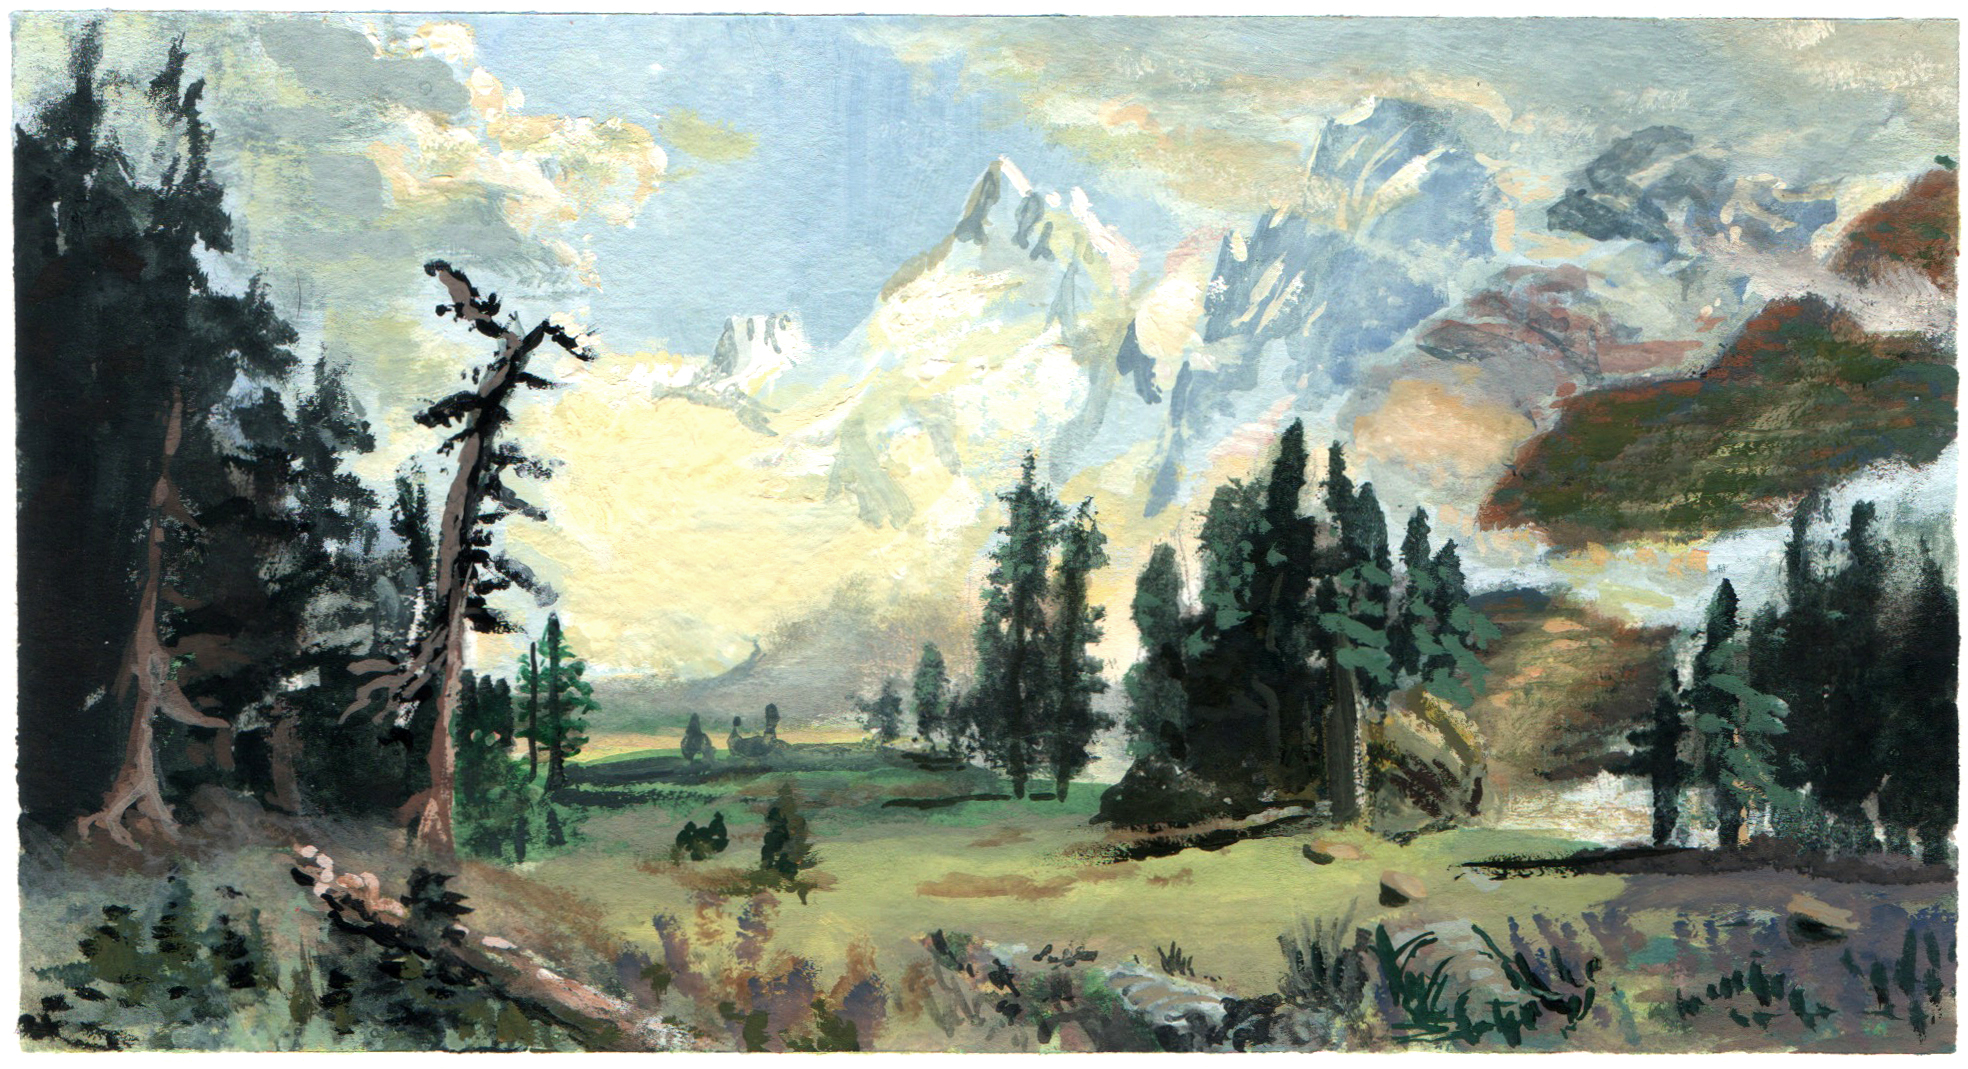 hunterculberson 9.jpg